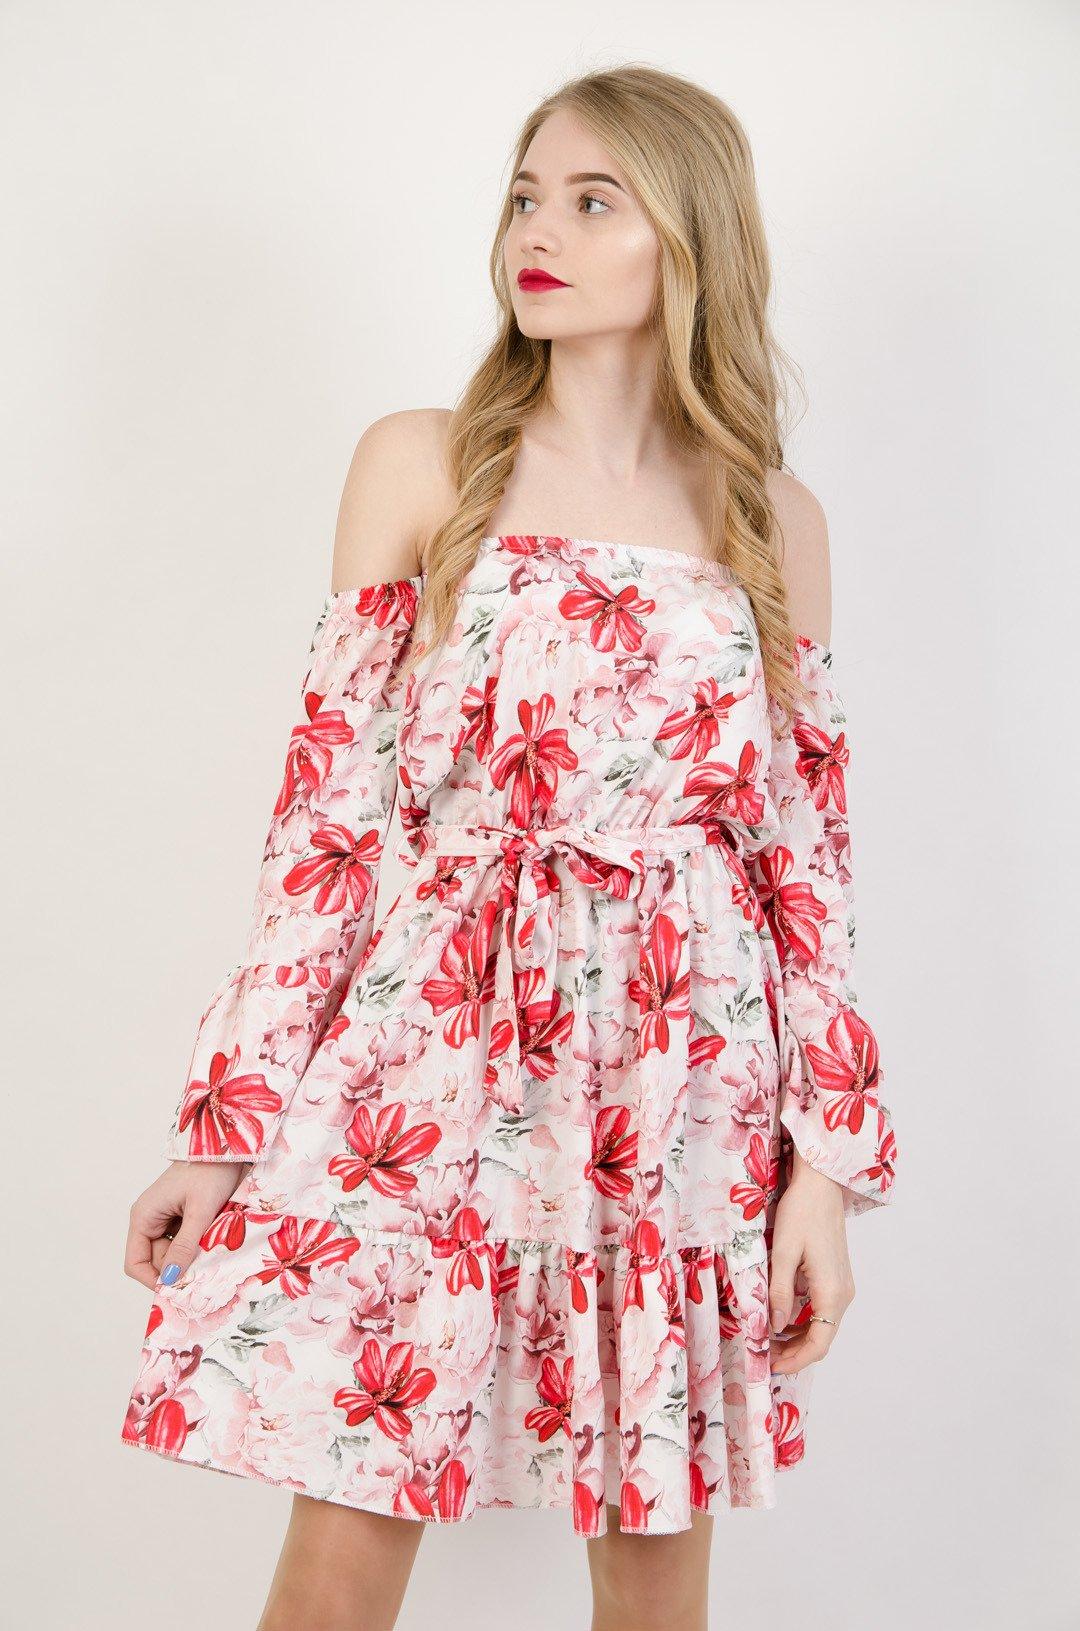 544b344fe1 Biała sukienka w czerwone kwiaty z odkrytymi ramionami ...